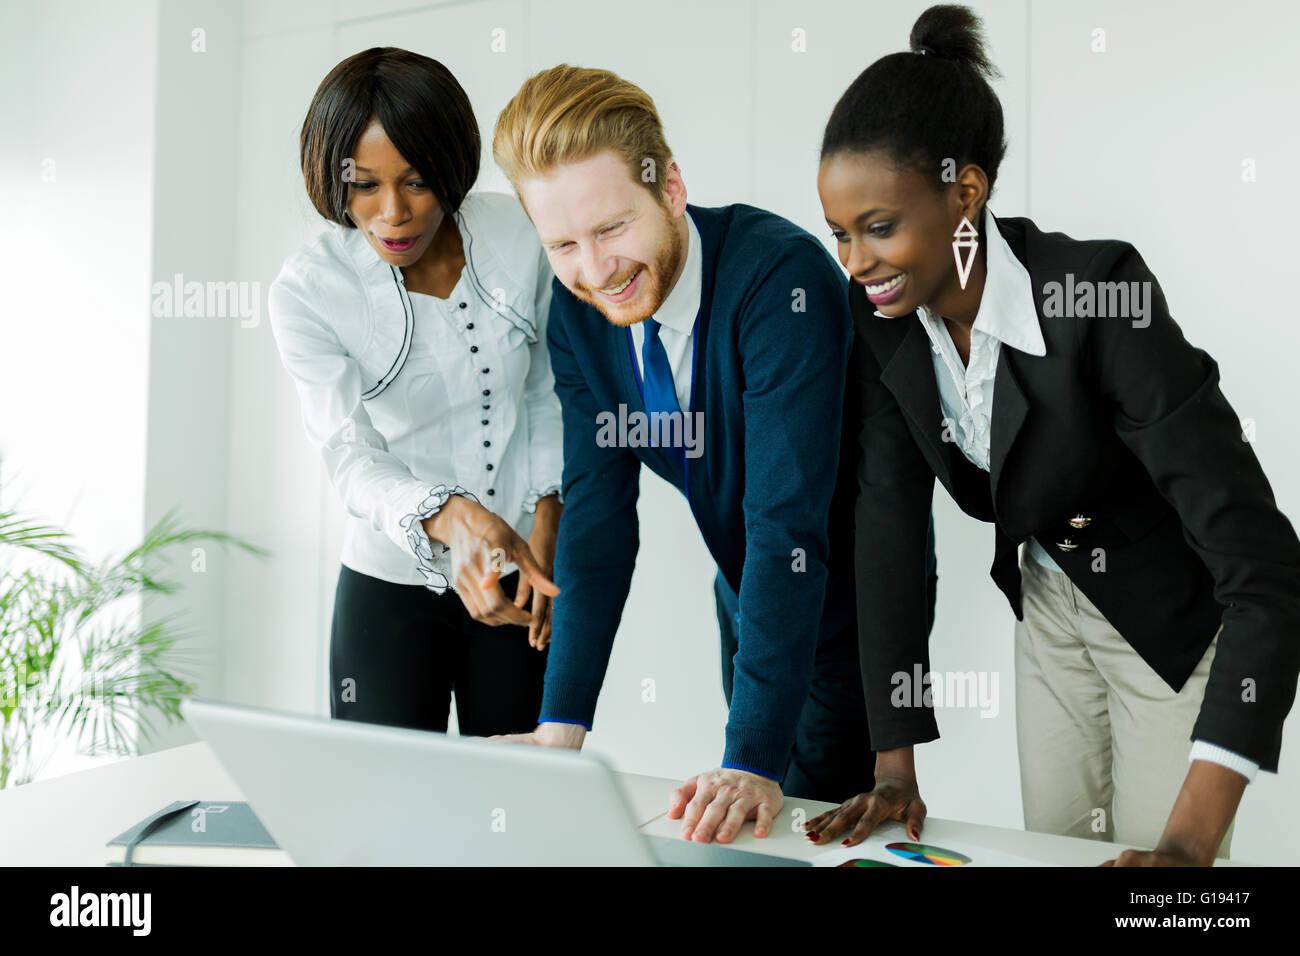 Remue-méninges d'affaires par avion, joliment habillés de personnes multi-ethnique dans un endroit Photo Stock